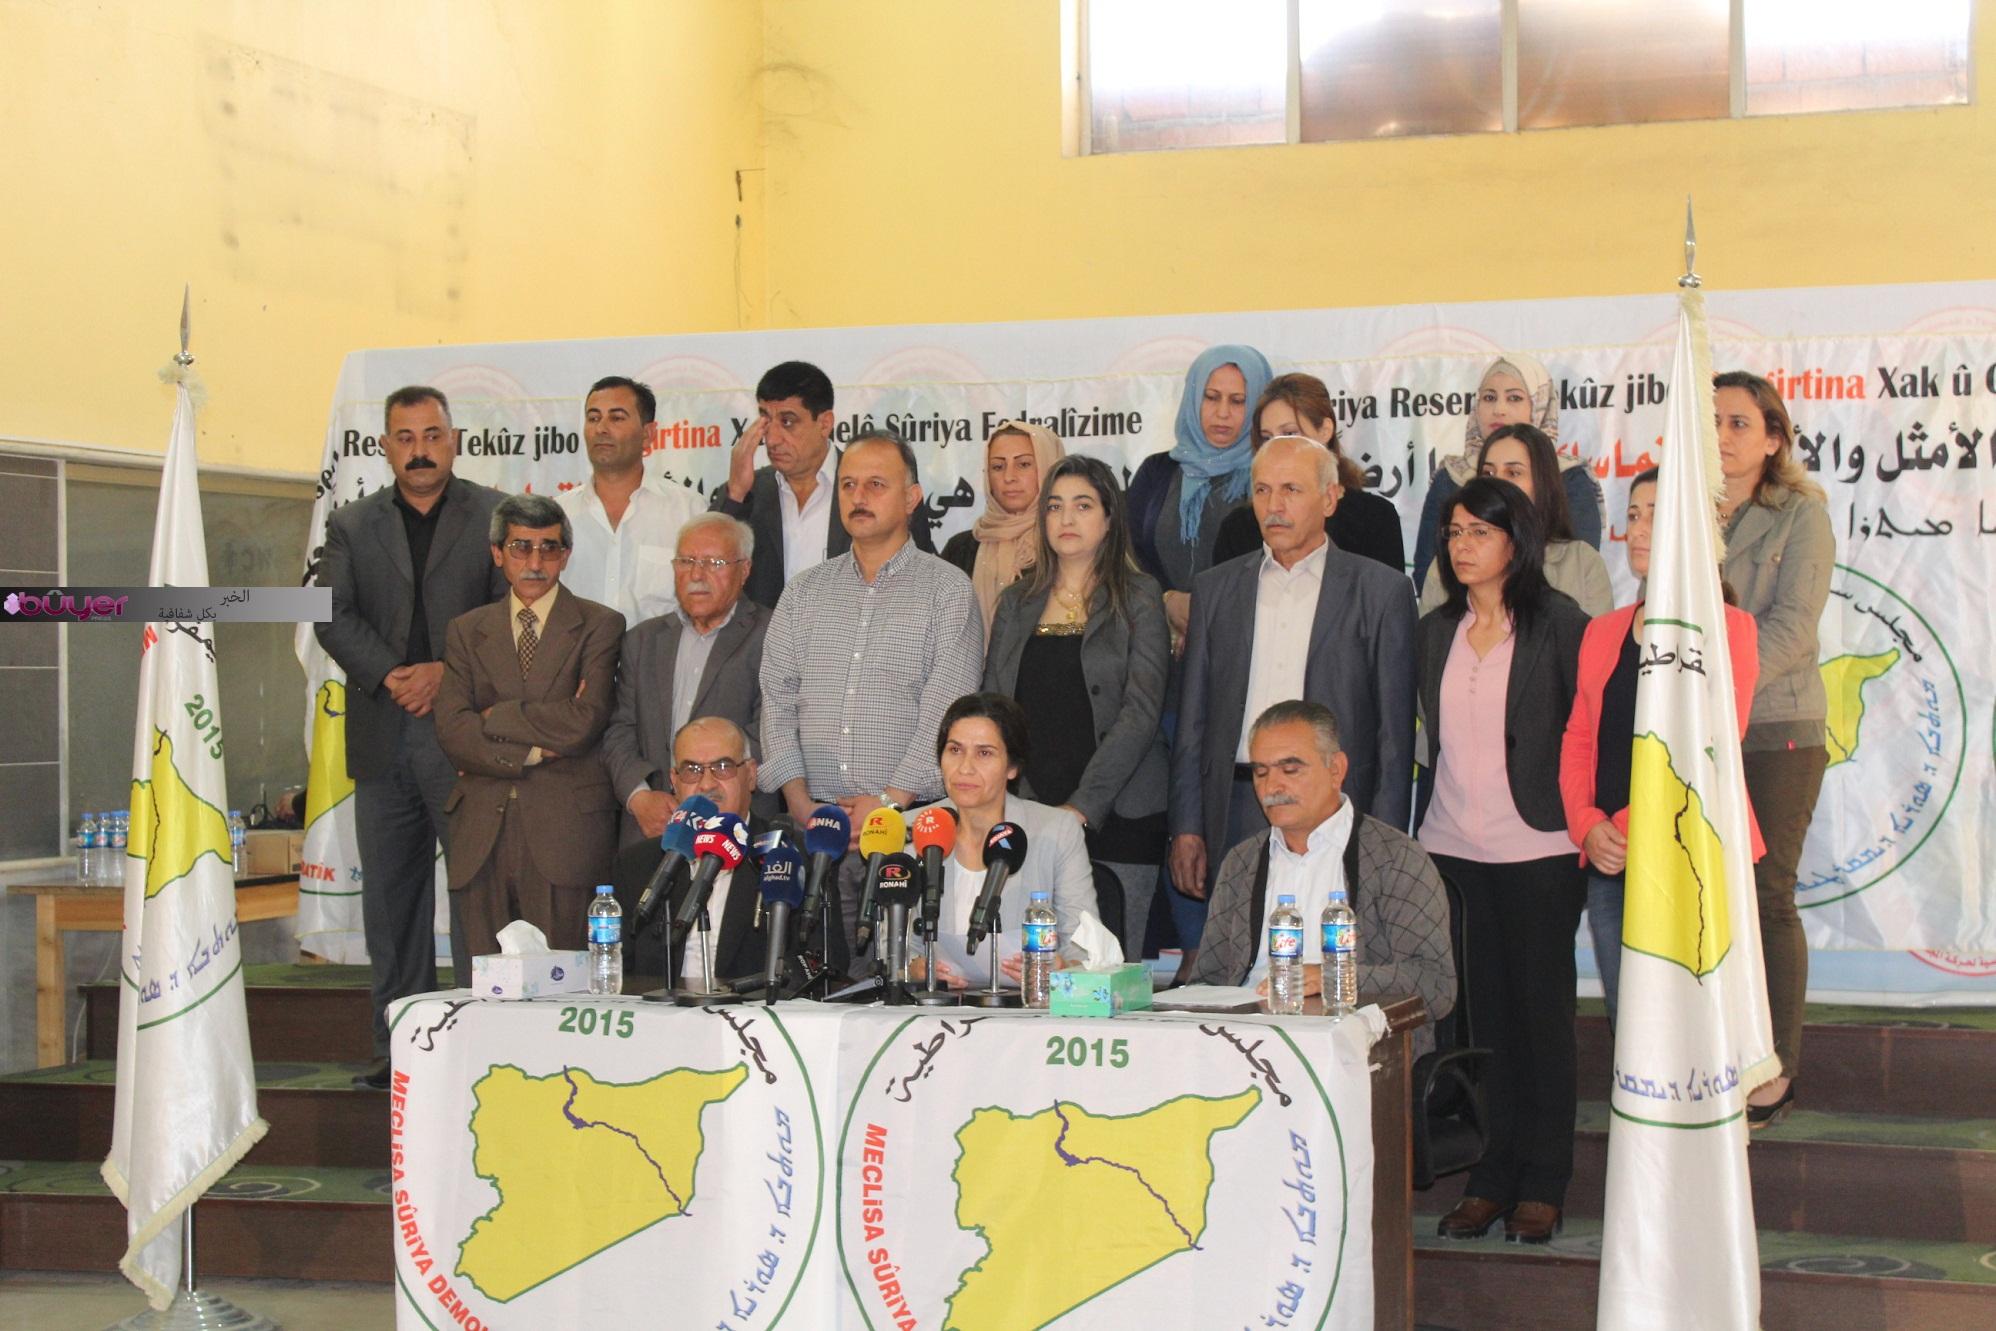 کردهای سوریه: توافق با دولت بشار اسد درباره